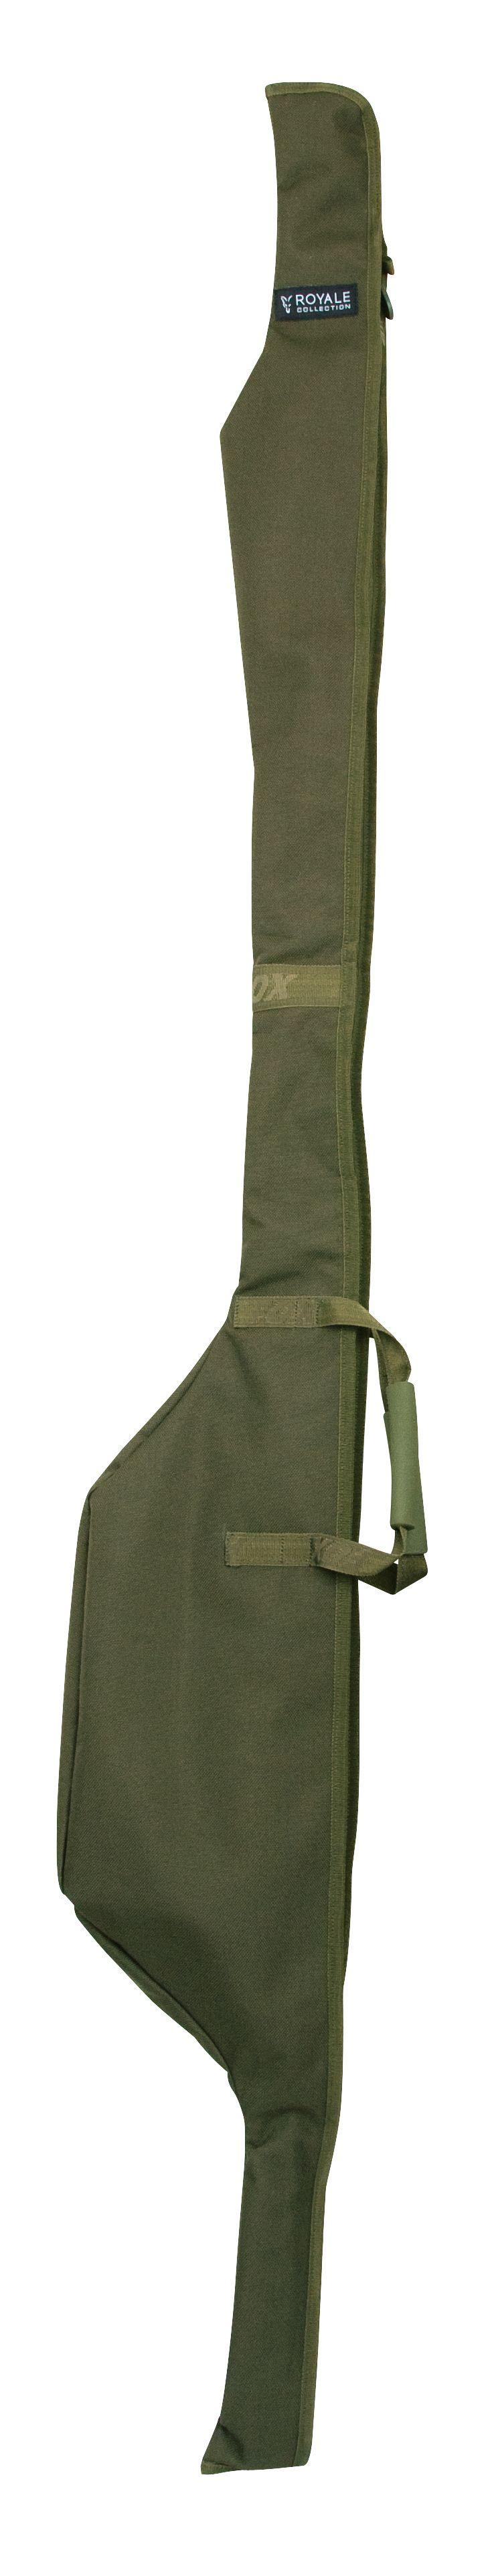 Diese Einzeltaschen wurden entworfen, um eine einzelne montierte Rute mit Rolle zu fassen und sind mit einer Menge Besonderheiten für einen kompletten Schutz ausgestattet, die ihnen dennoch einen...